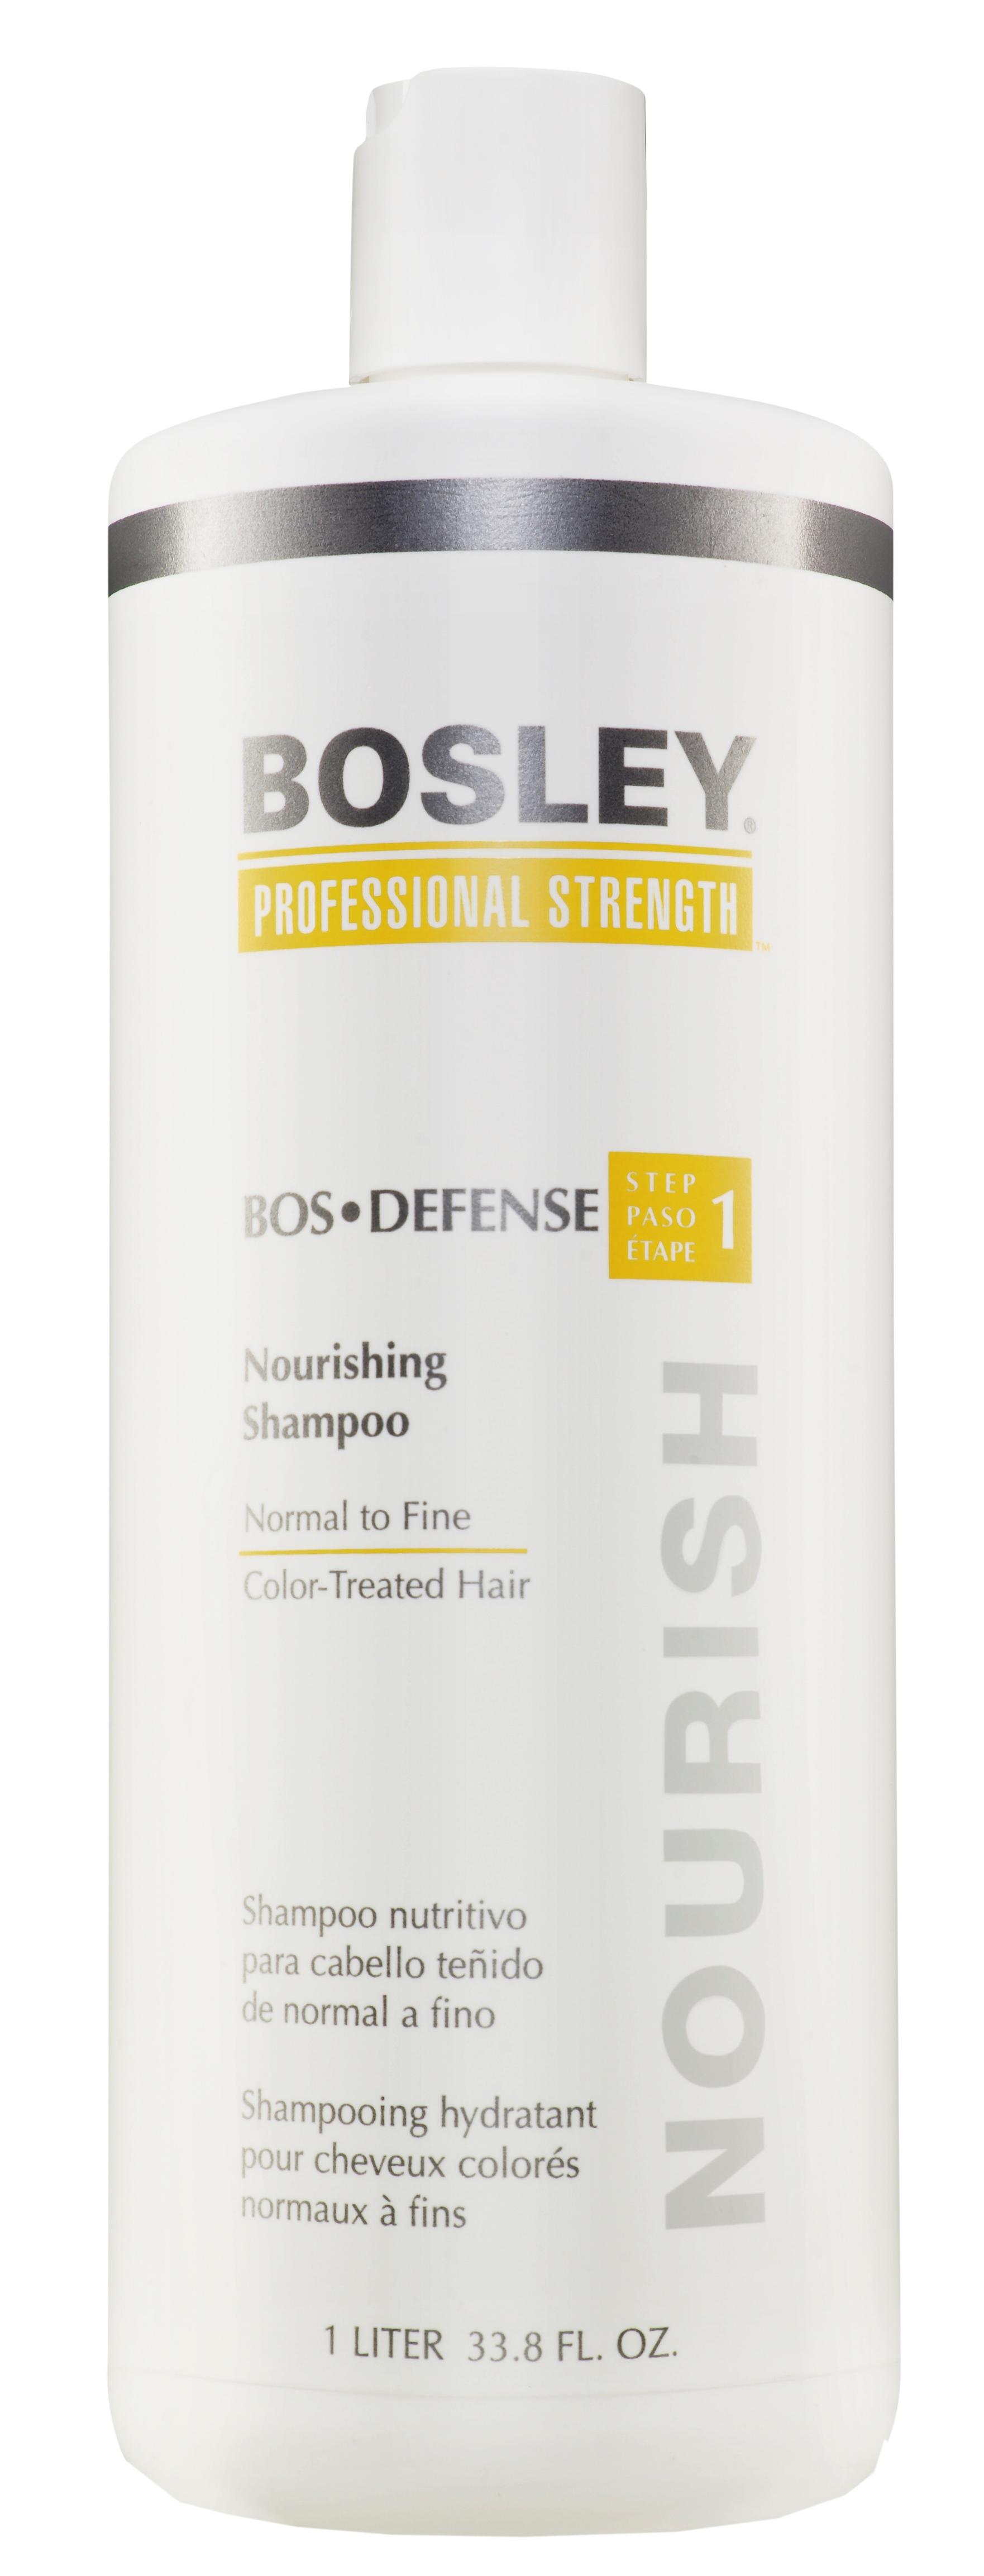 BOSLEY Шампунь питательный для нормальных/тонких окрашенных волос / ВОS DEFENSE (step 1) 1000мл